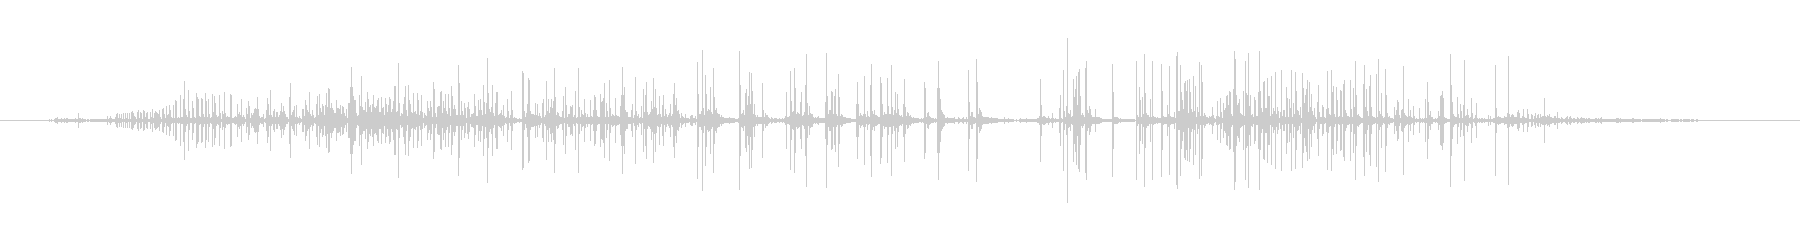 レザー レザークリーク04の未再生の波形